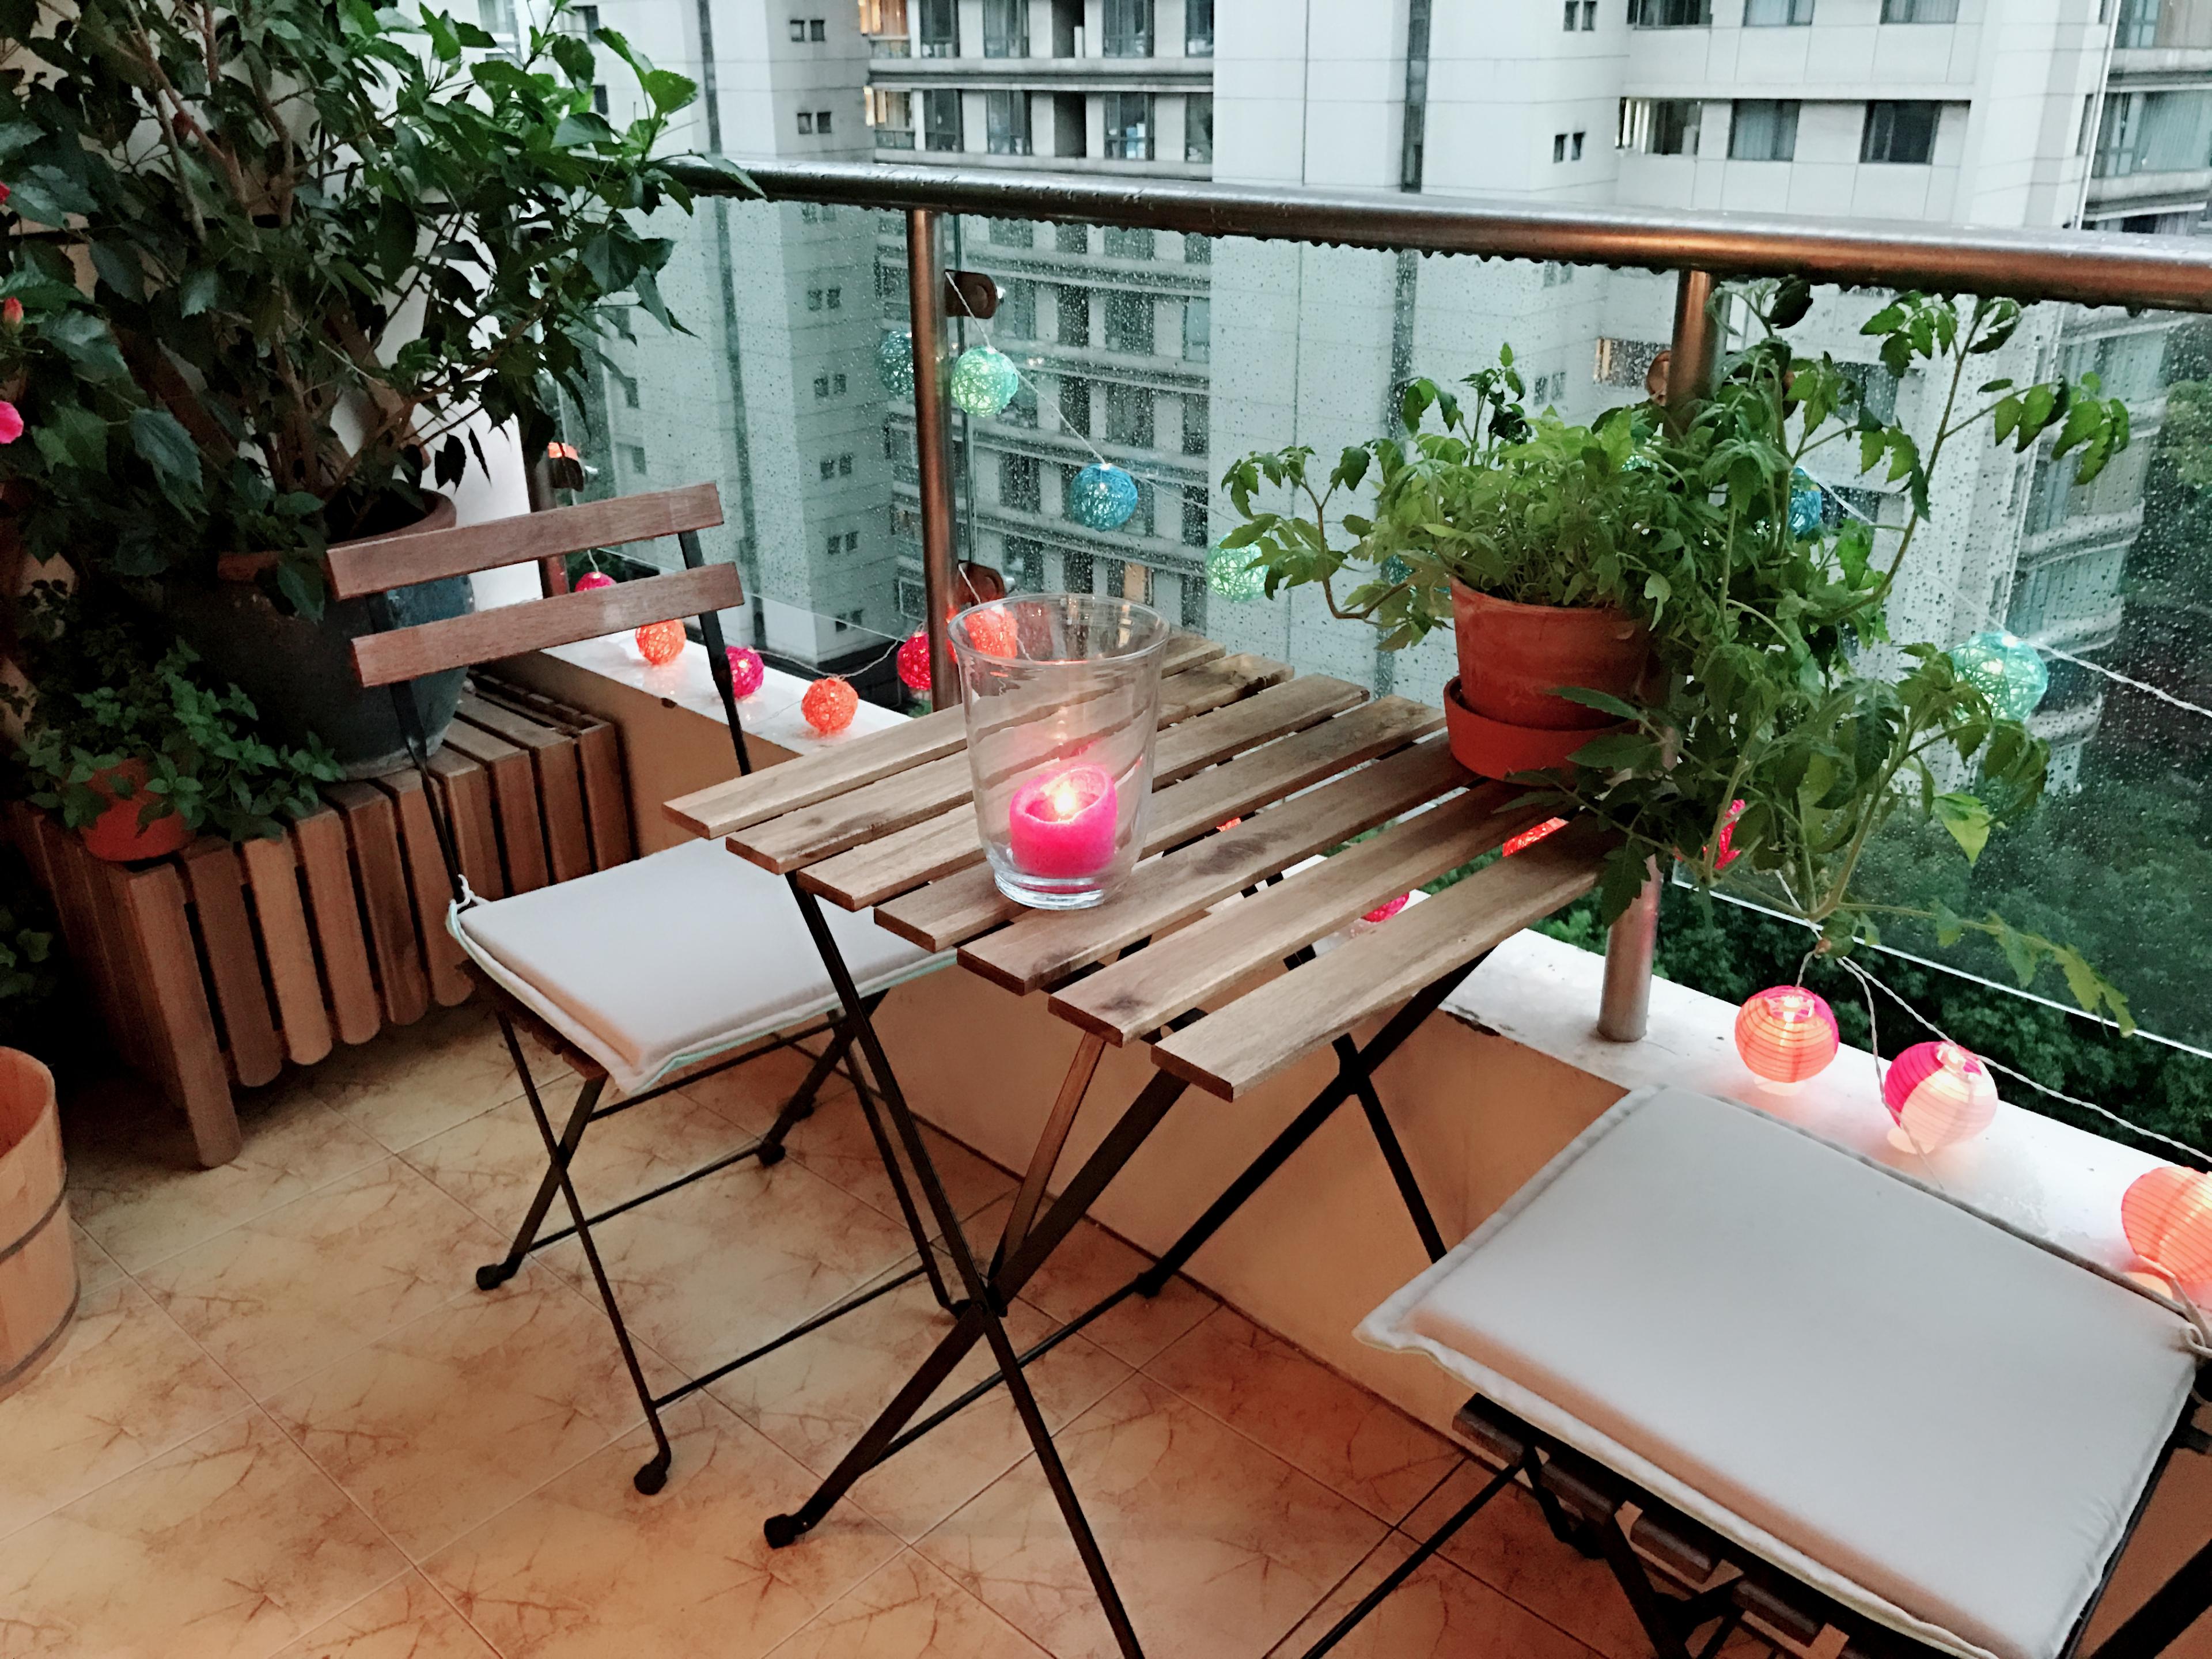 На наемателите е позволено да поставят на балконите столове, пейки, маси или чадъри по свой вкус. Но опъването на тента или тапицирането и облицоването на балкона изискват съгласието на наемодателя. Балконските партита също са разрешени само до 22 часа, но без силна музика, за да не се нарушава спокойствието на съседите.